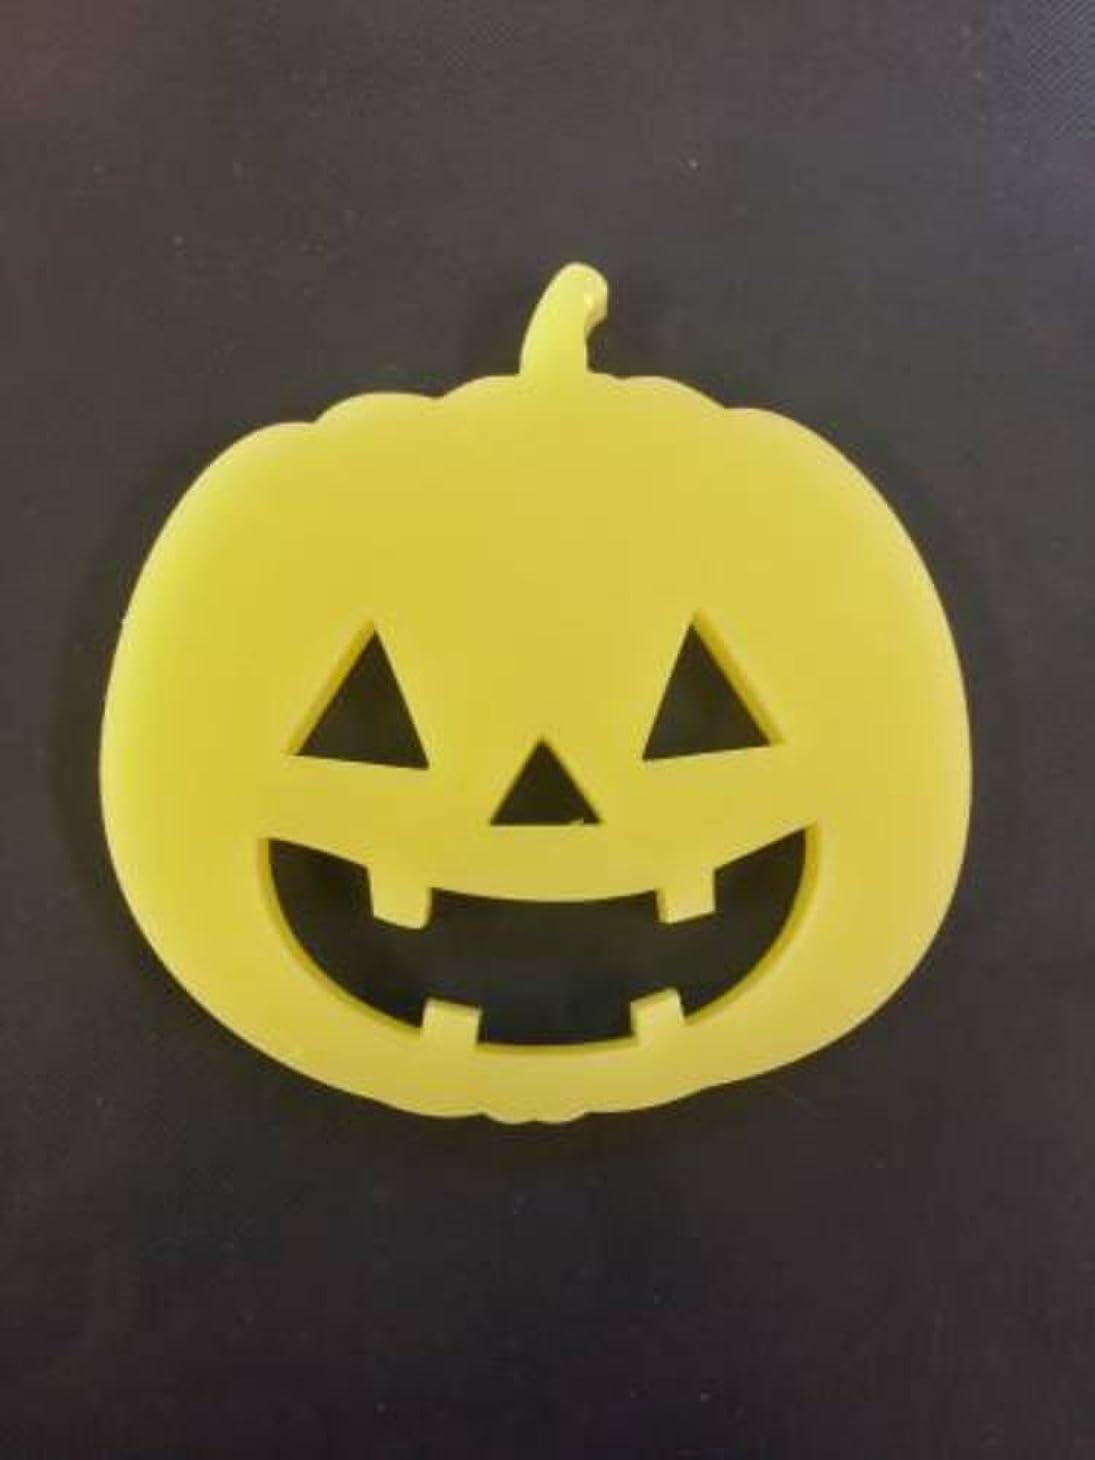 栄養福祉落とし穴GRASSE TOKYO AROMATICWAXチャーム「ハロウィンかぼちゃ」(YE) ベルガモット アロマティックワックス グラーストウキョウ